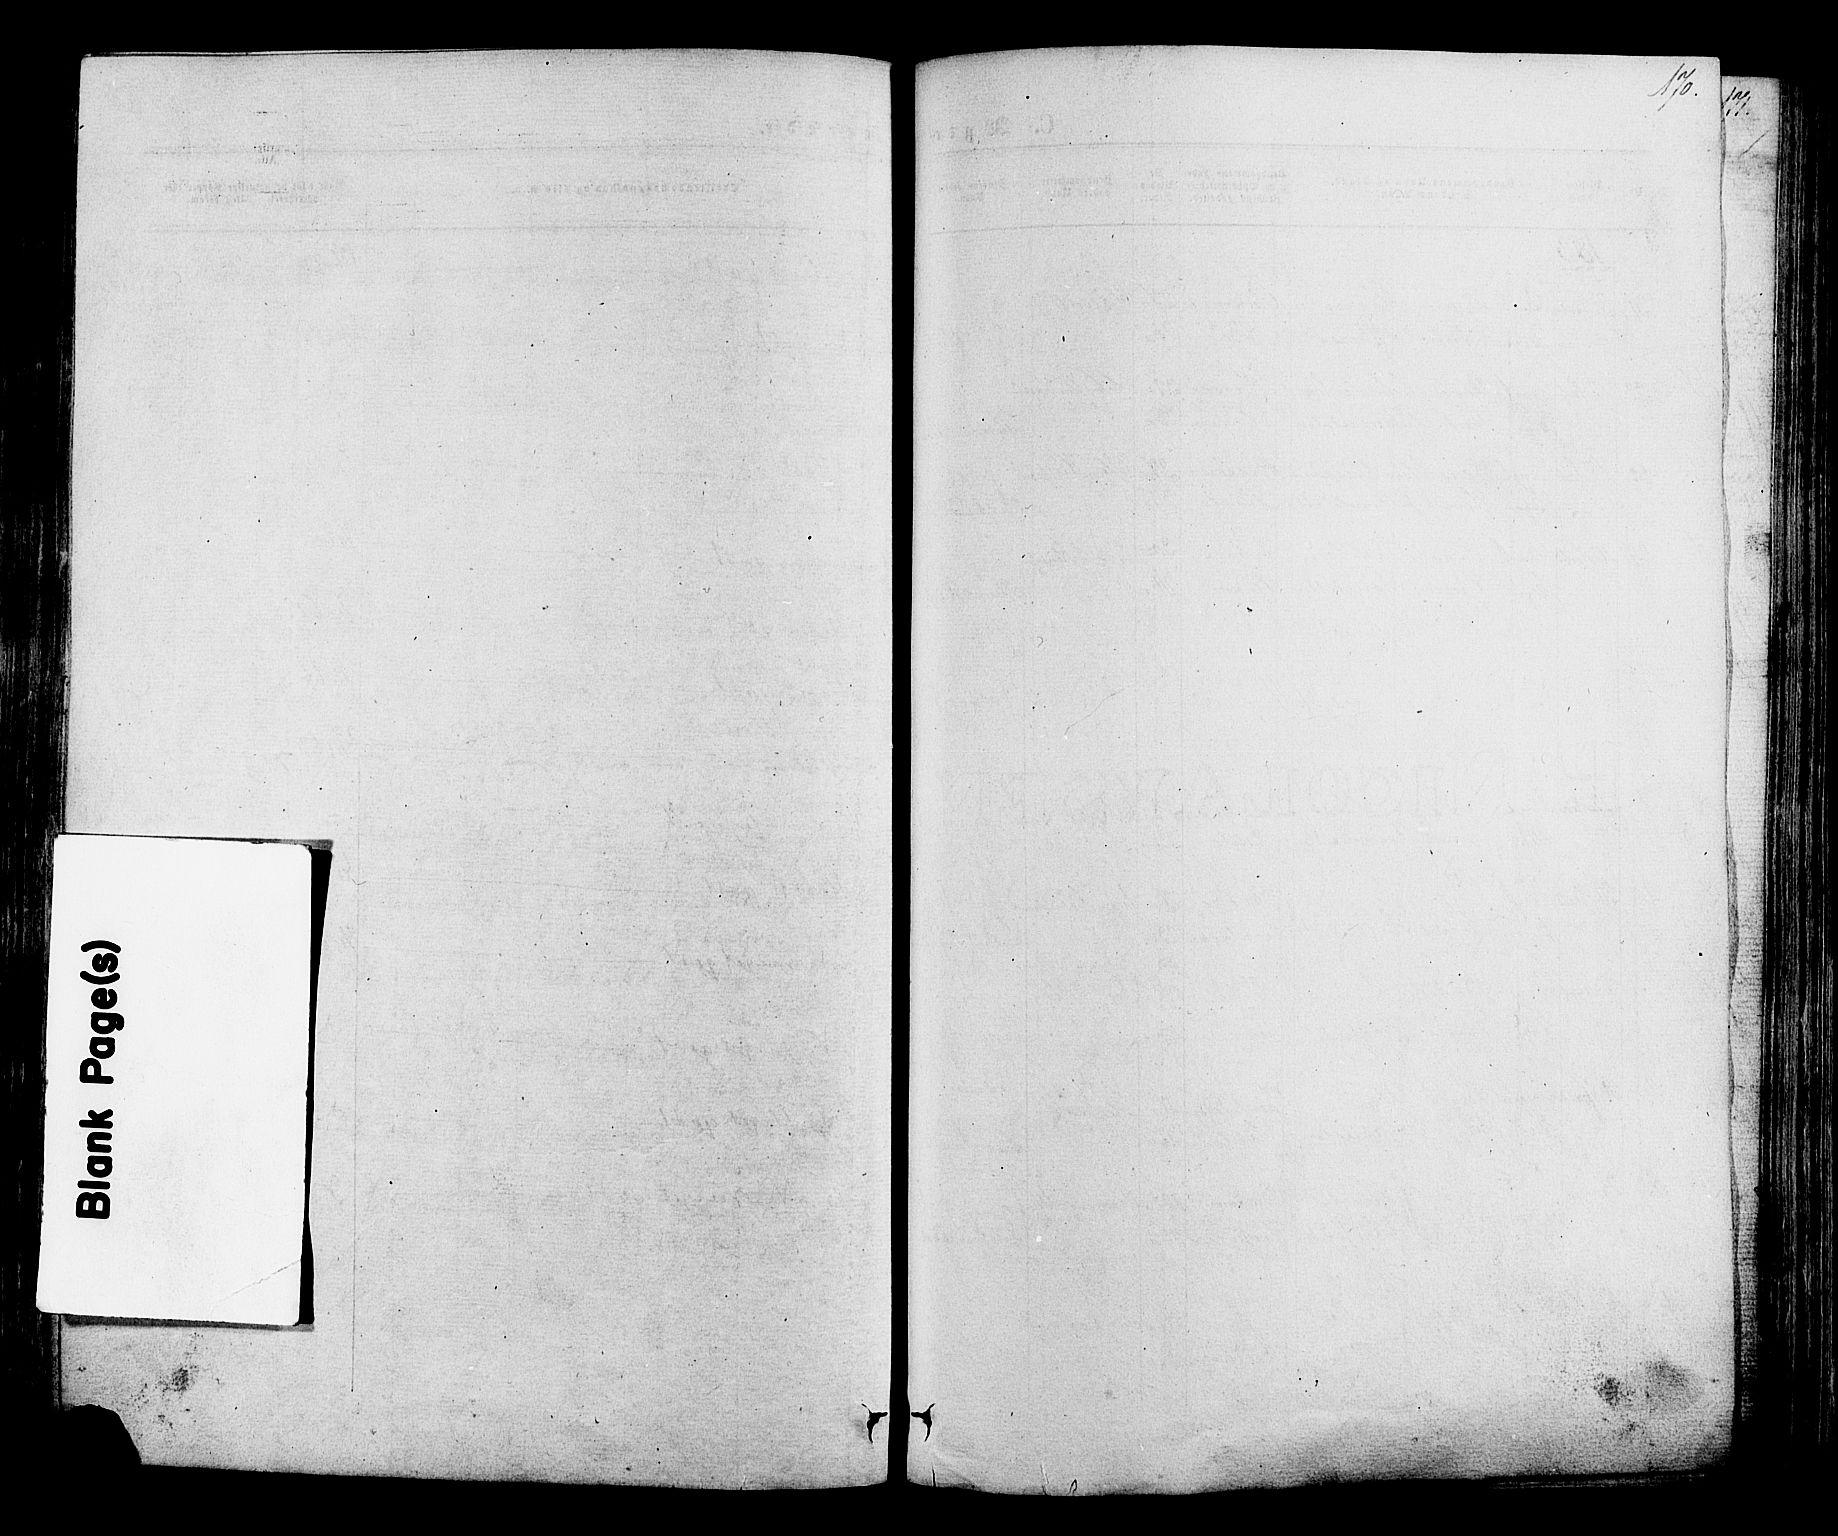 SAH, Lom prestekontor, K/L0007: Ministerialbok nr. 7, 1863-1884, s. 170